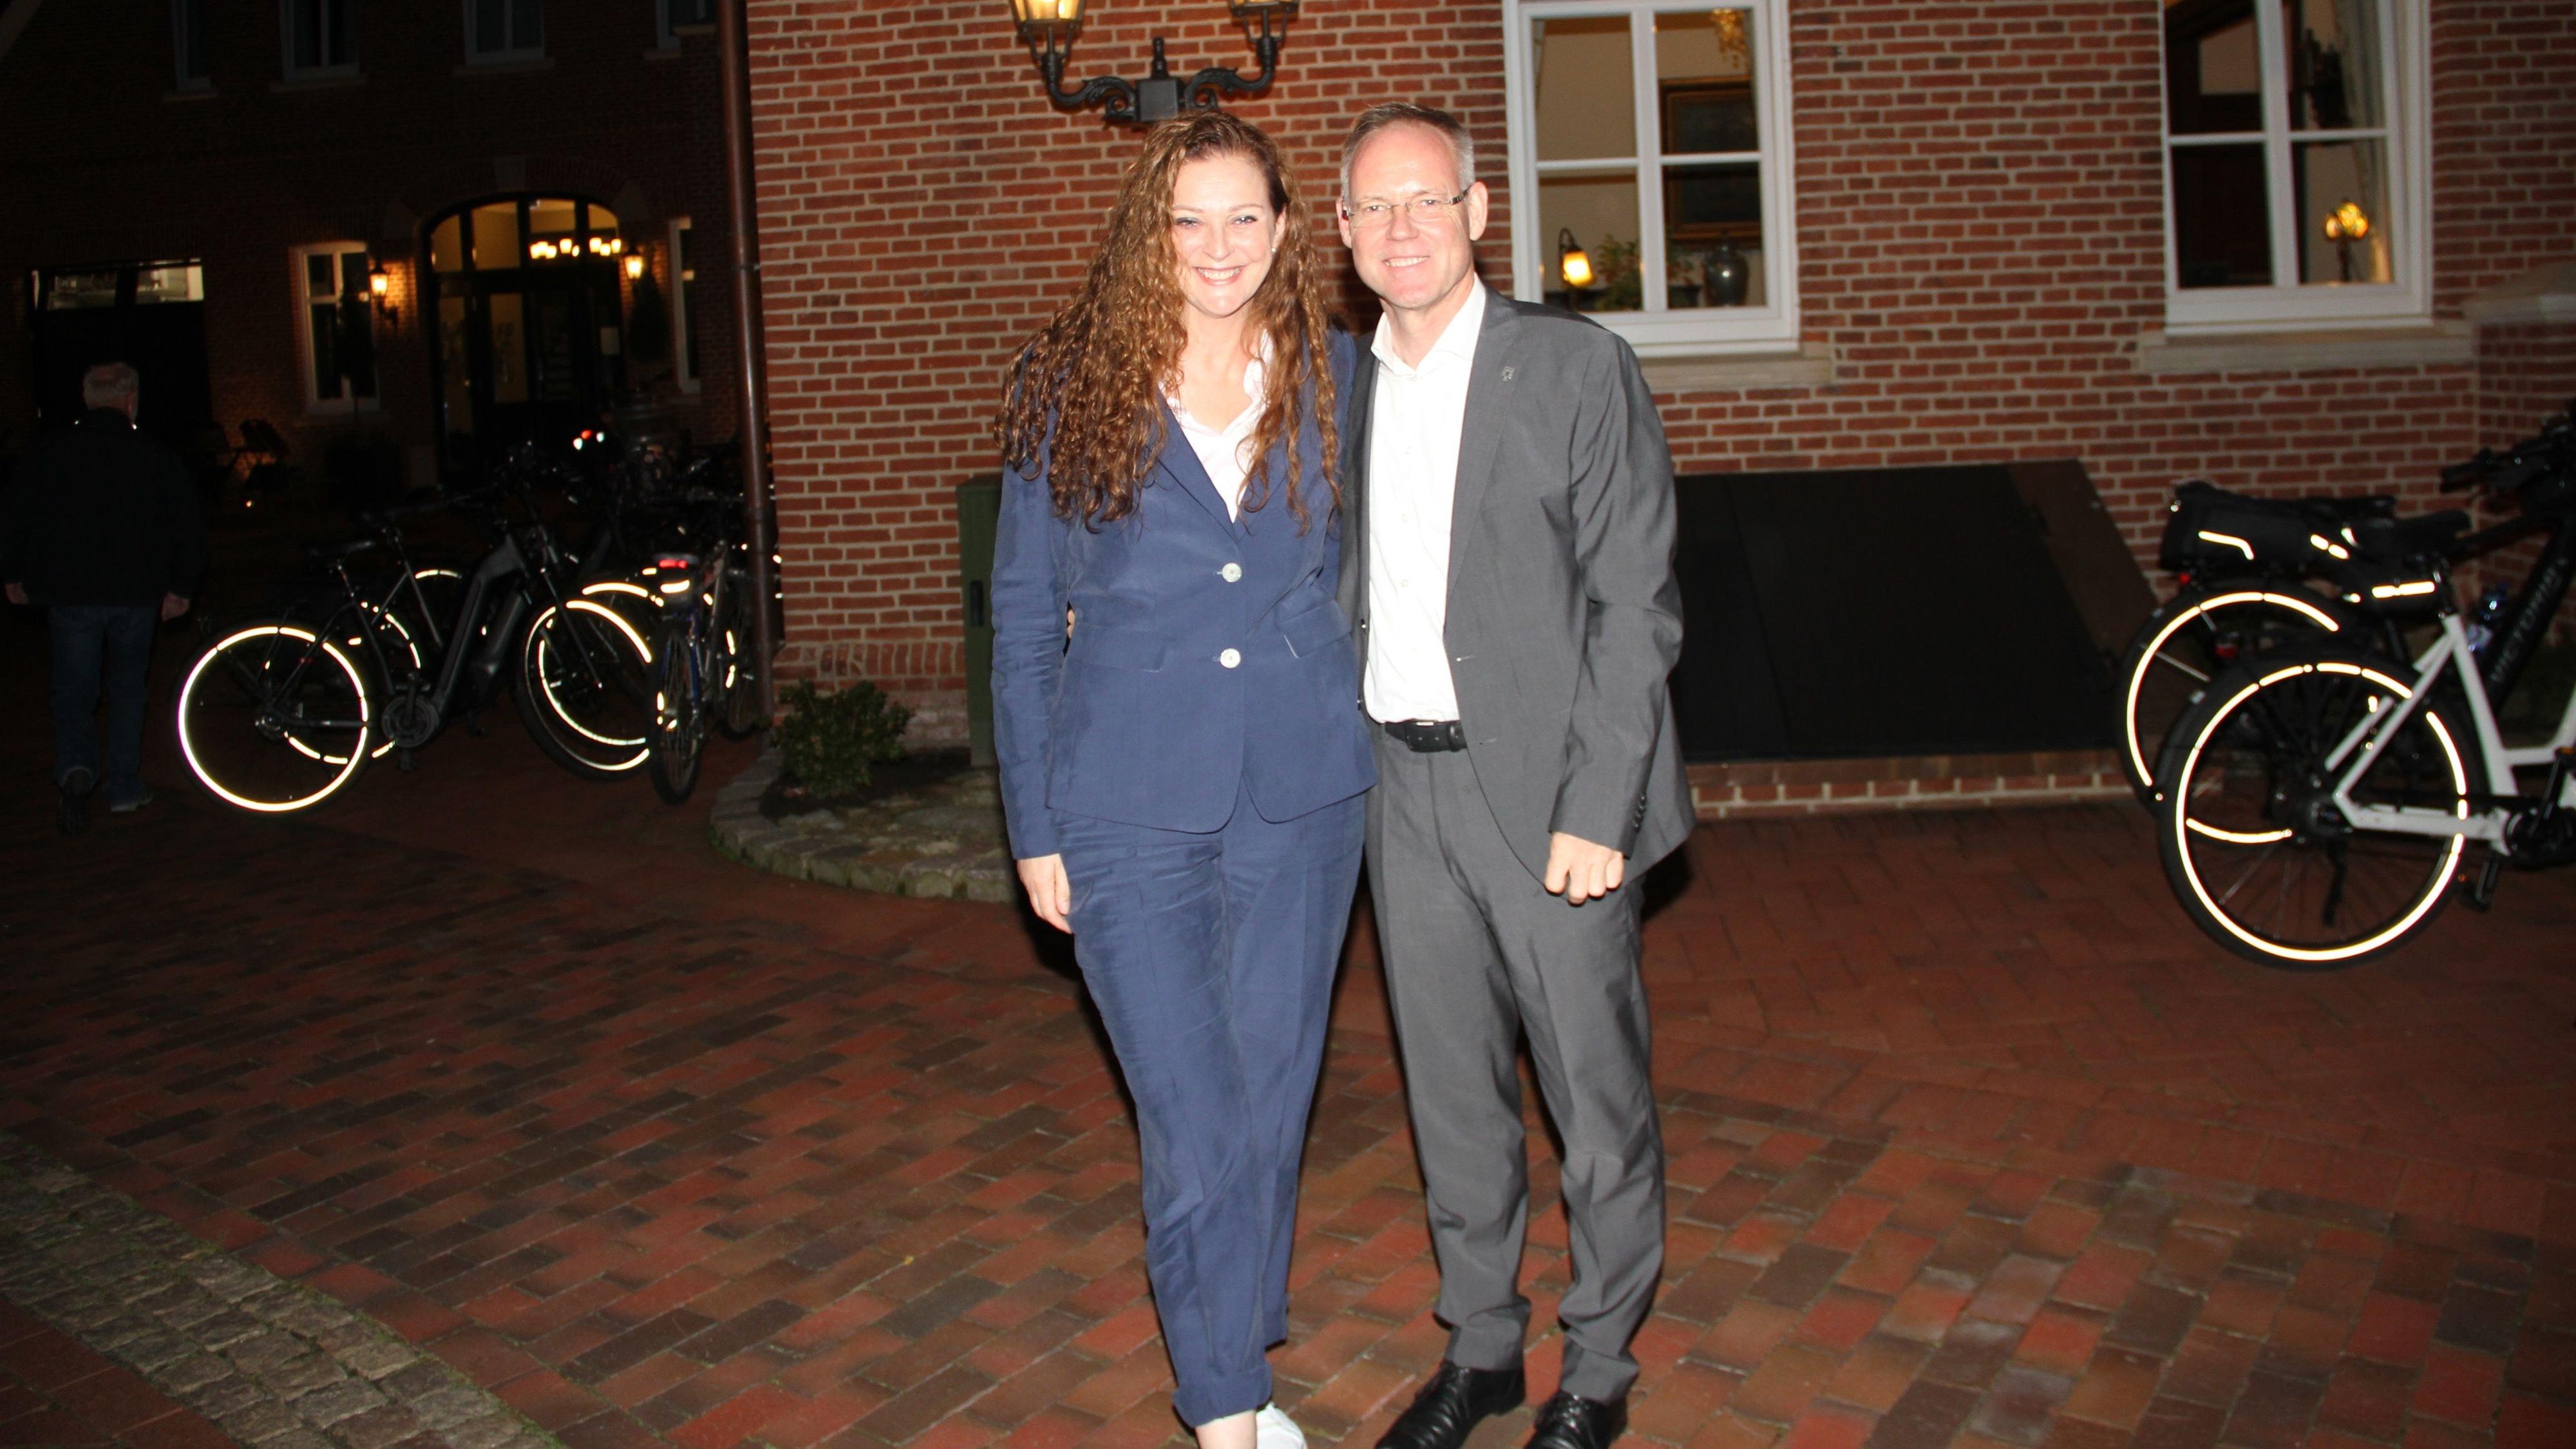 Freude über das Ergebnis von 87,94 Prozent: Bürgermeister Karsten Hage und seine Frau Sandra Sonntagabend auf der Wahlparty vor dem Rathaus. Foto: Kock